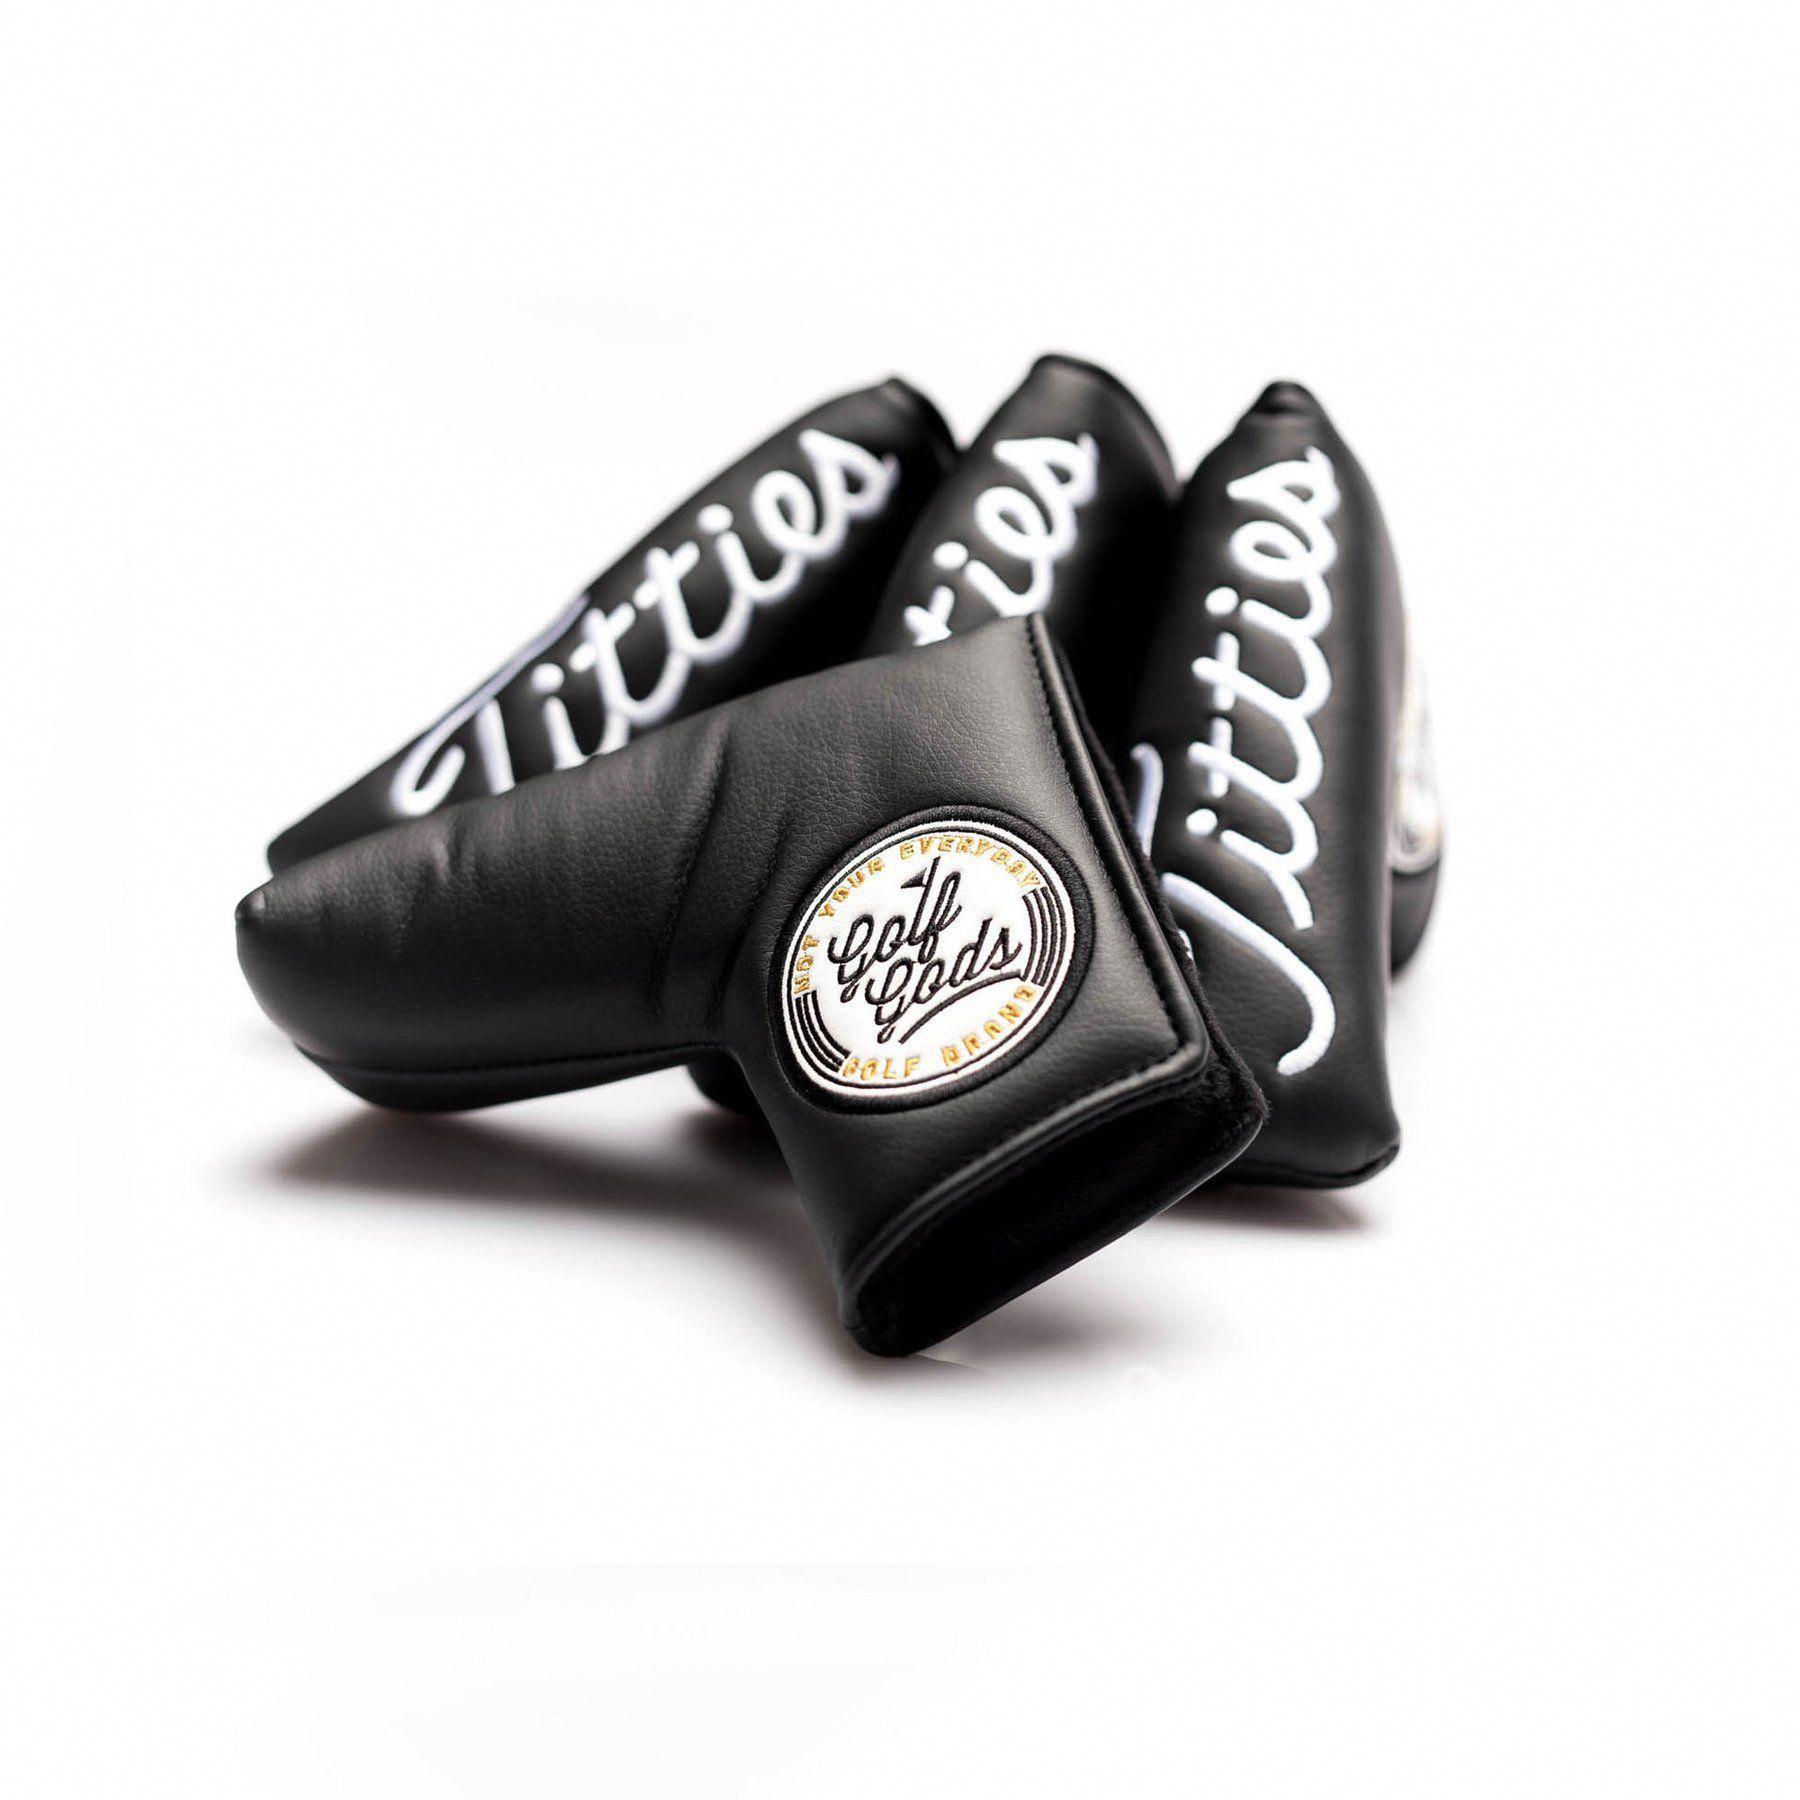 Golf Gods - Putter Cover Titties  0bf2a490c4b5